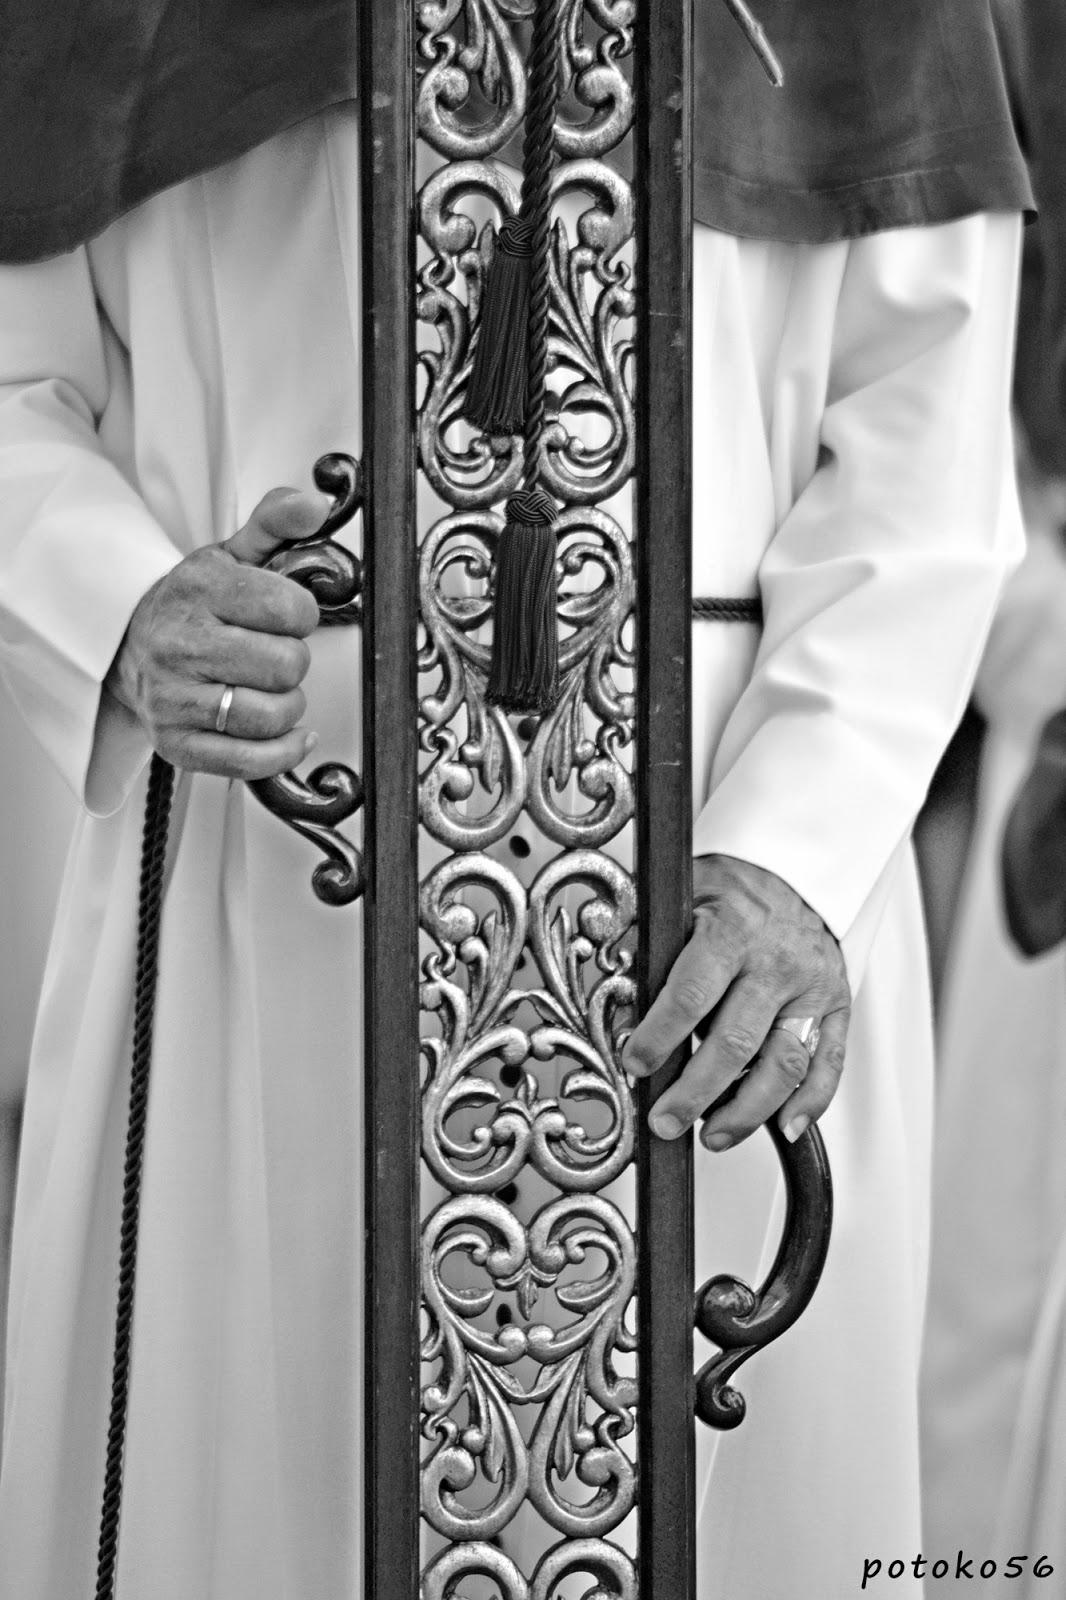 Detalles del agarre de la Cruz de Guia Rota